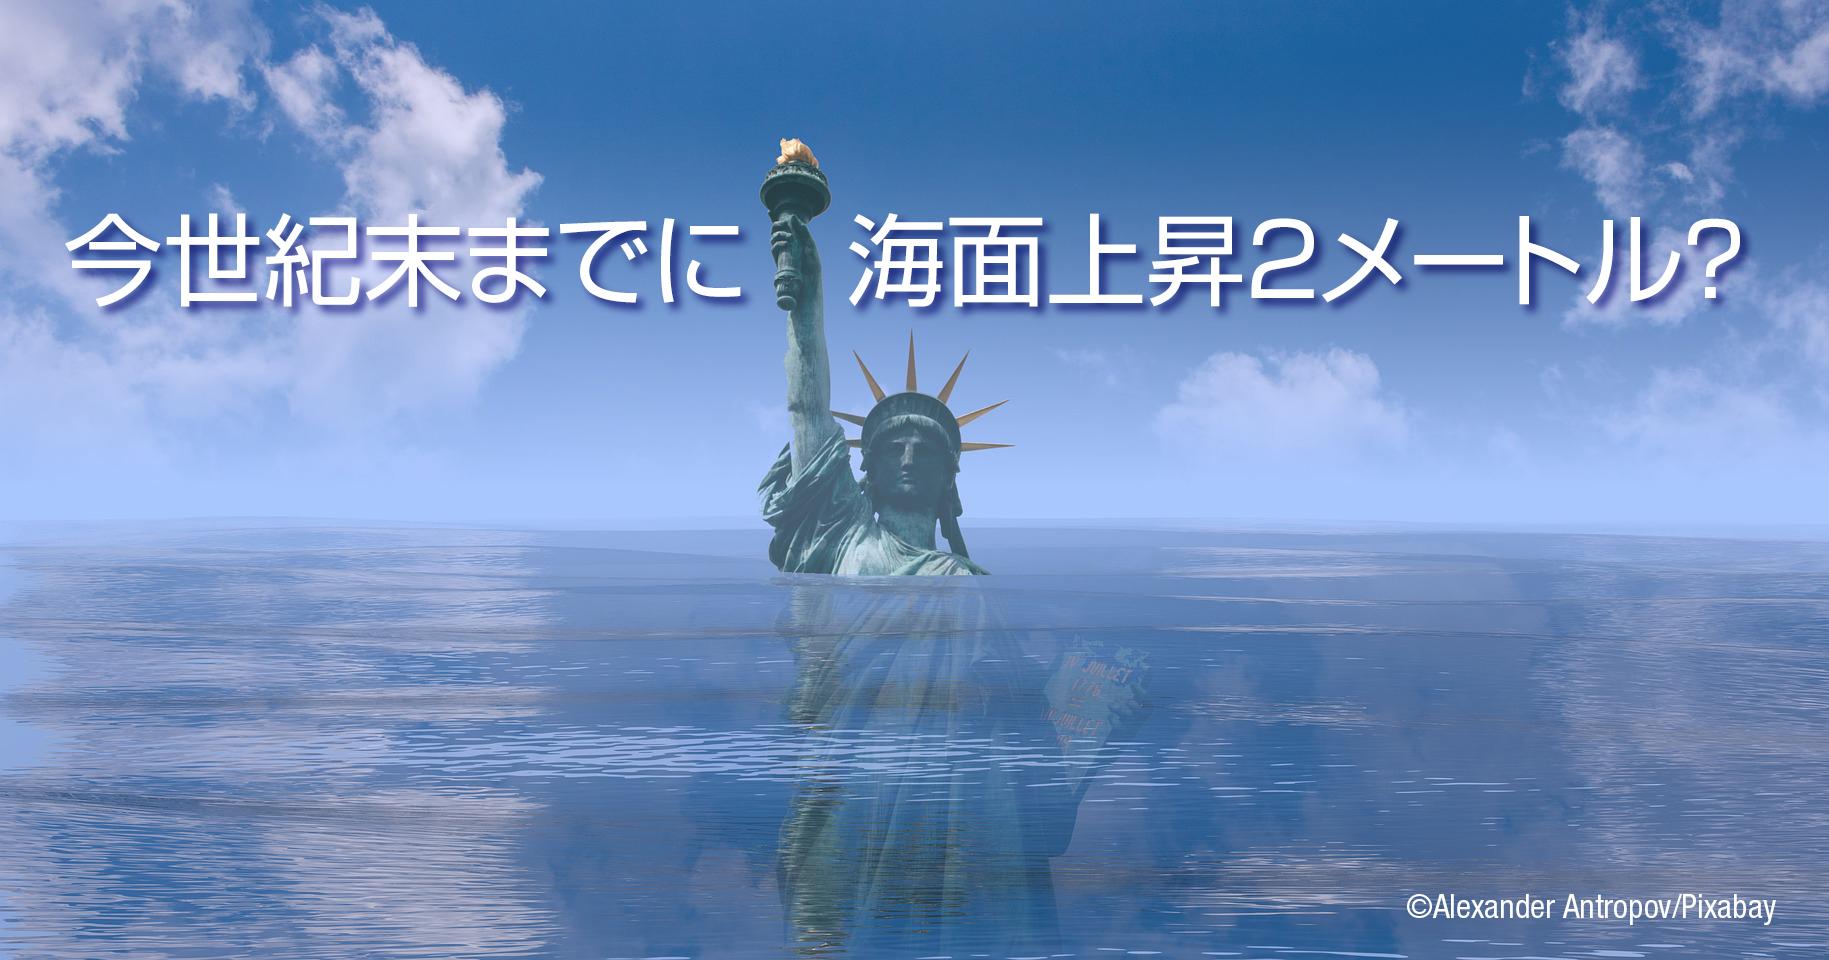 今世紀末までに海面上昇2メートル?